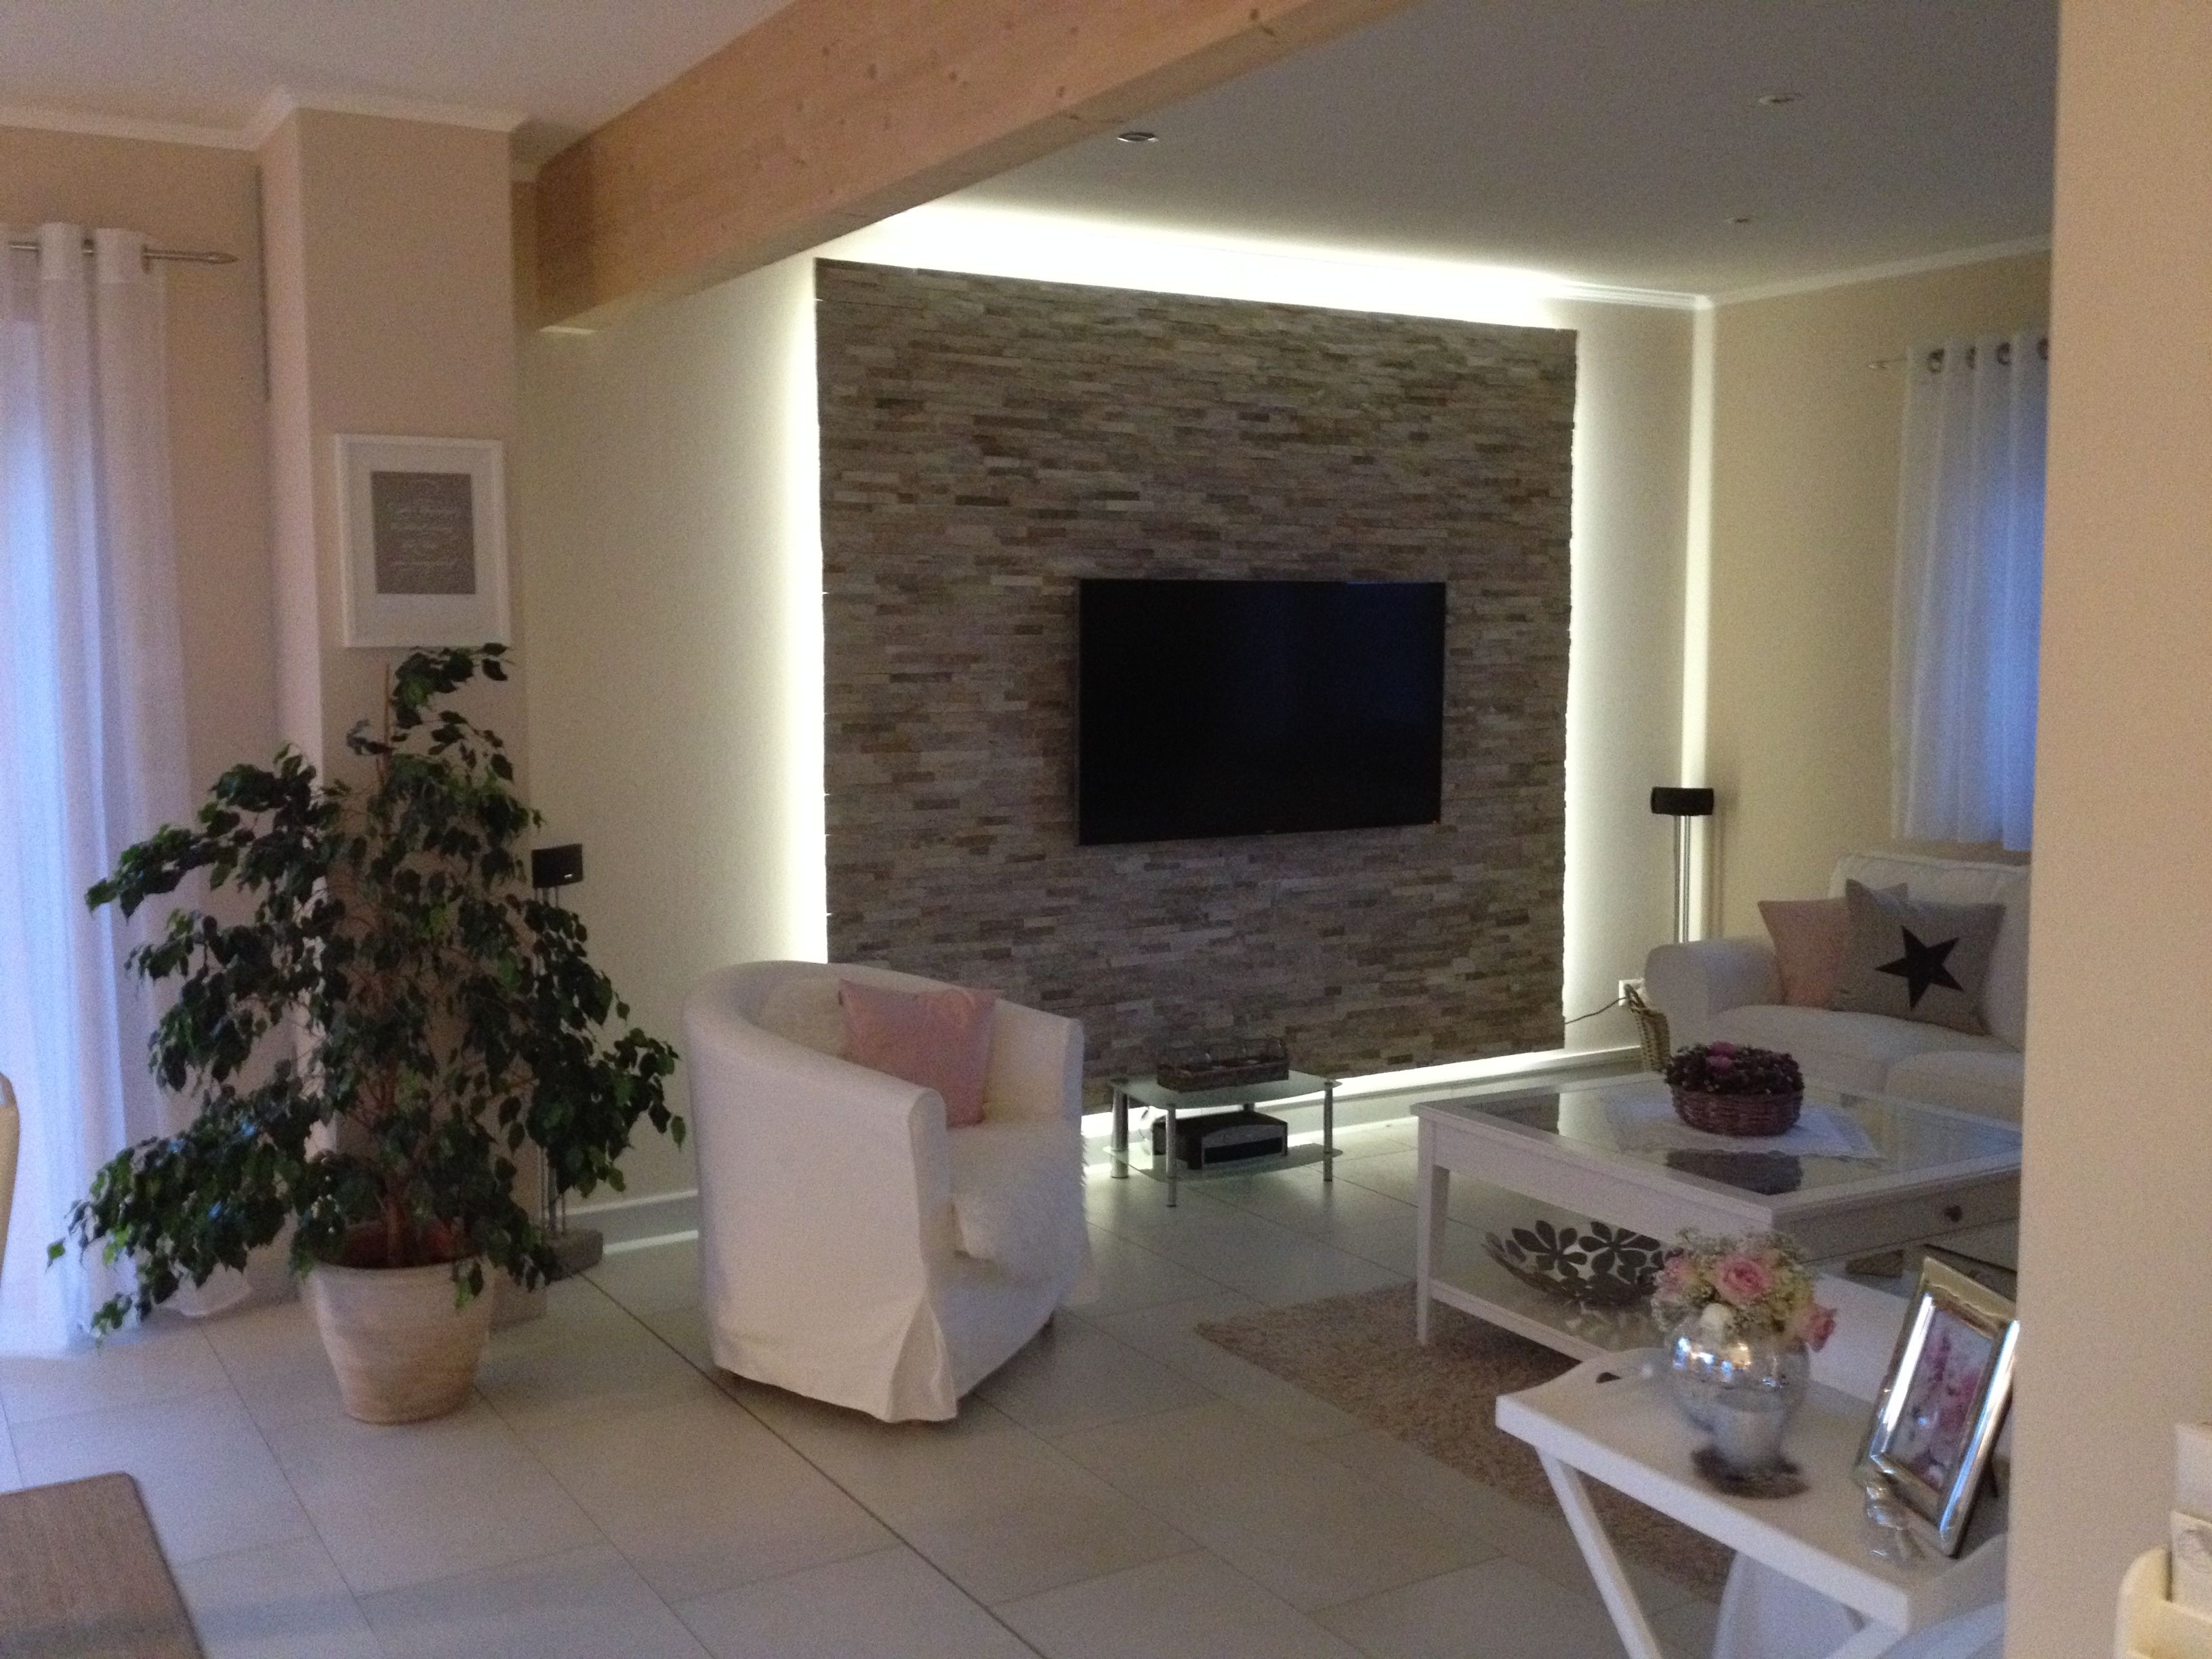 Tv Wand Design unsere fertige tv wand mit beleuchtung selfmade diy